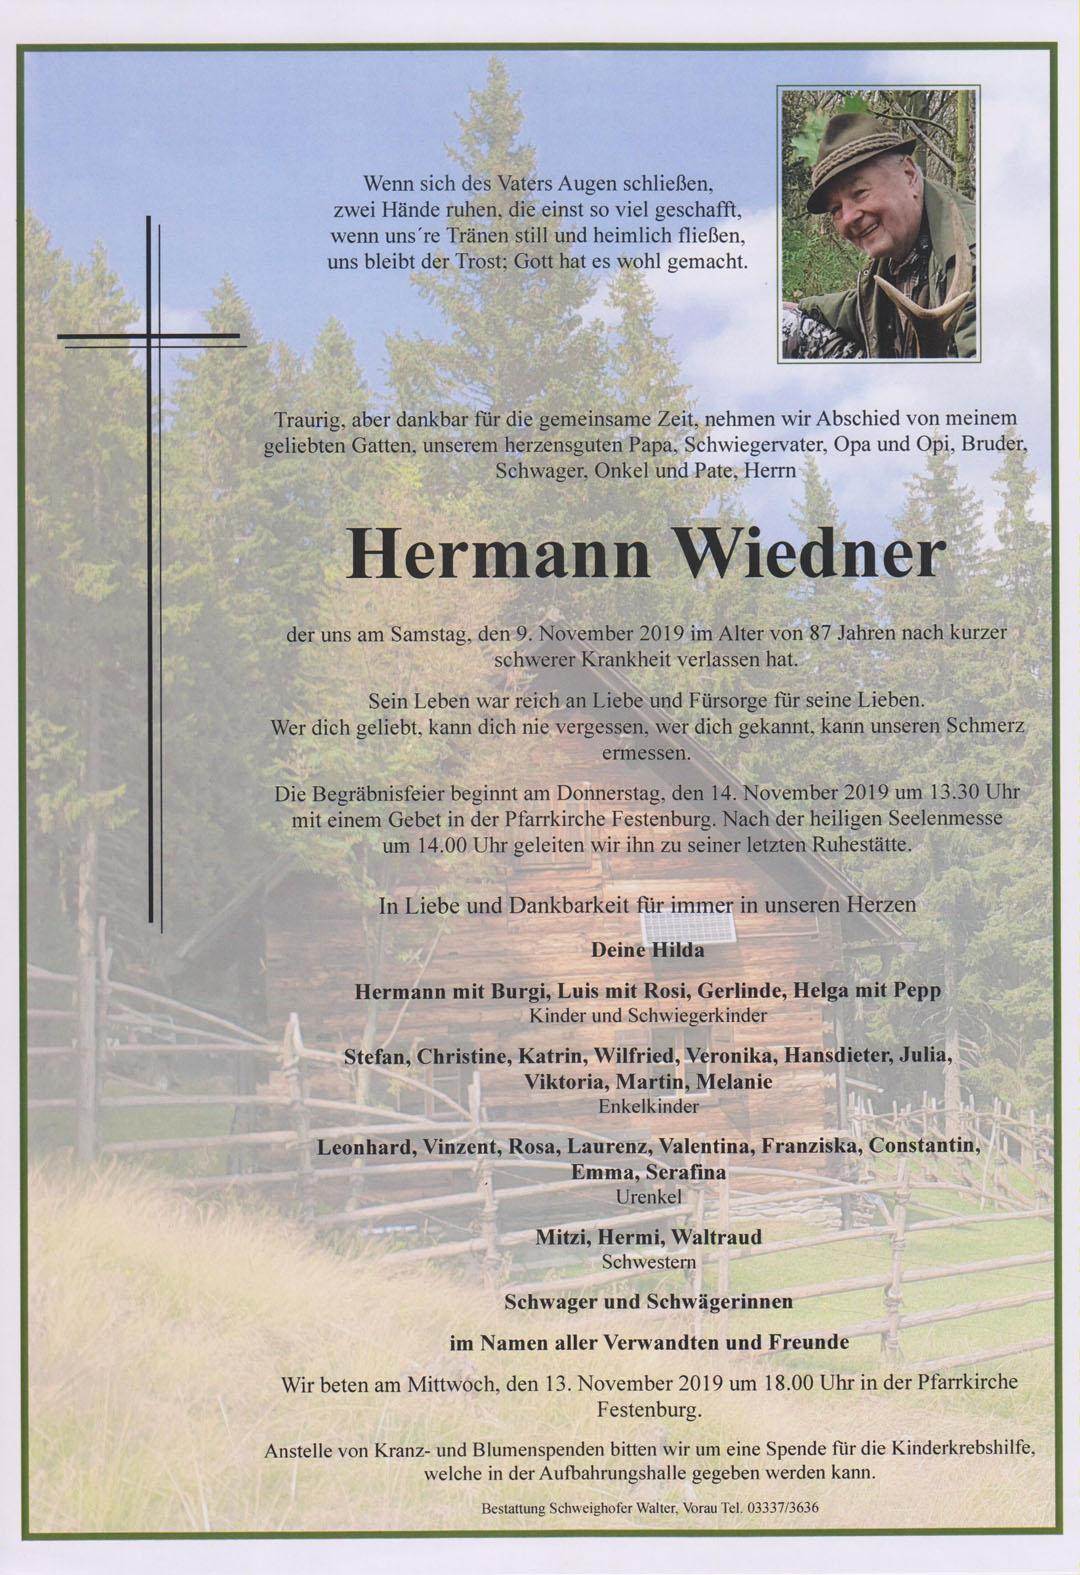 Hermann Wiedner